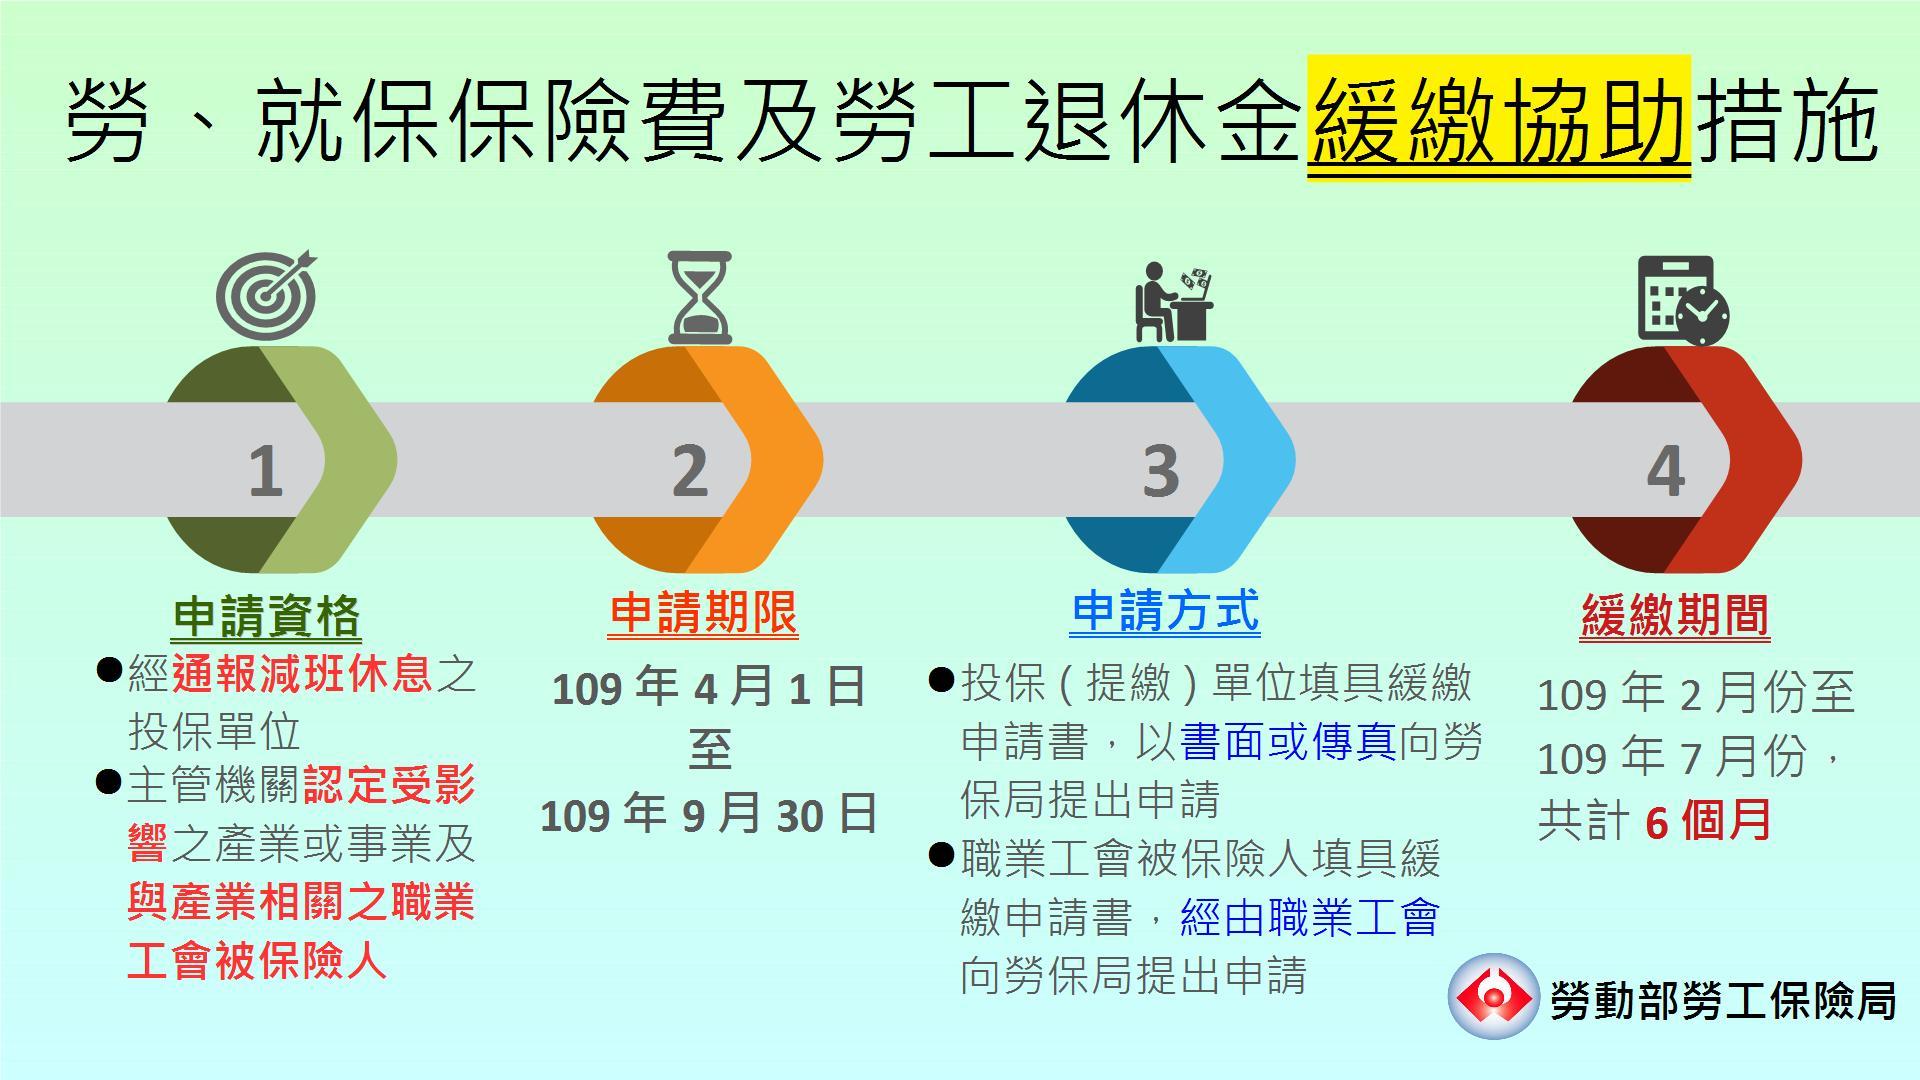 勞就保費及勞工退休金緩繳協助措施-申請流程圖